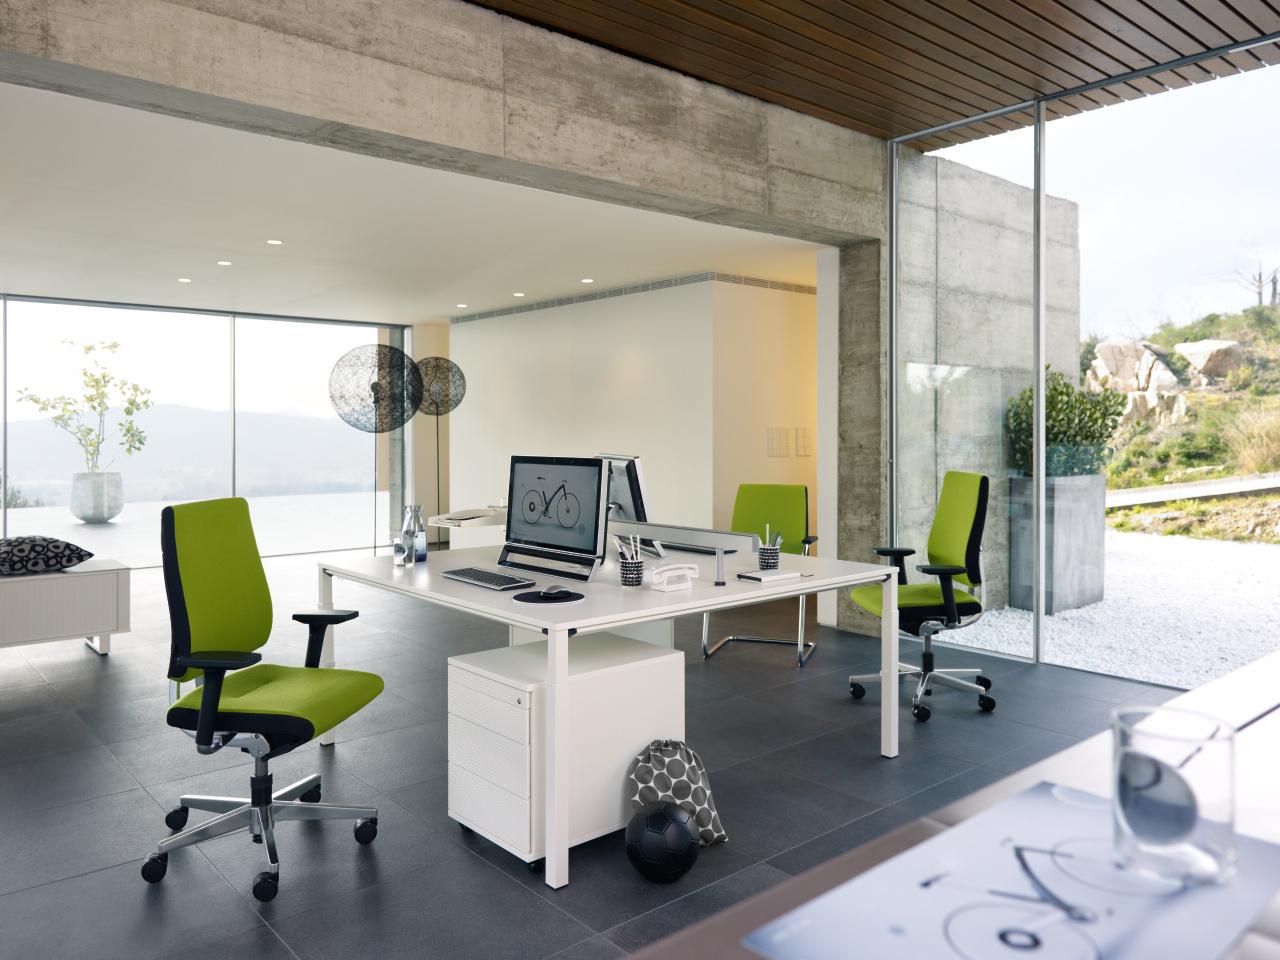 Sedus bureaustoel Heering Office Den Haag